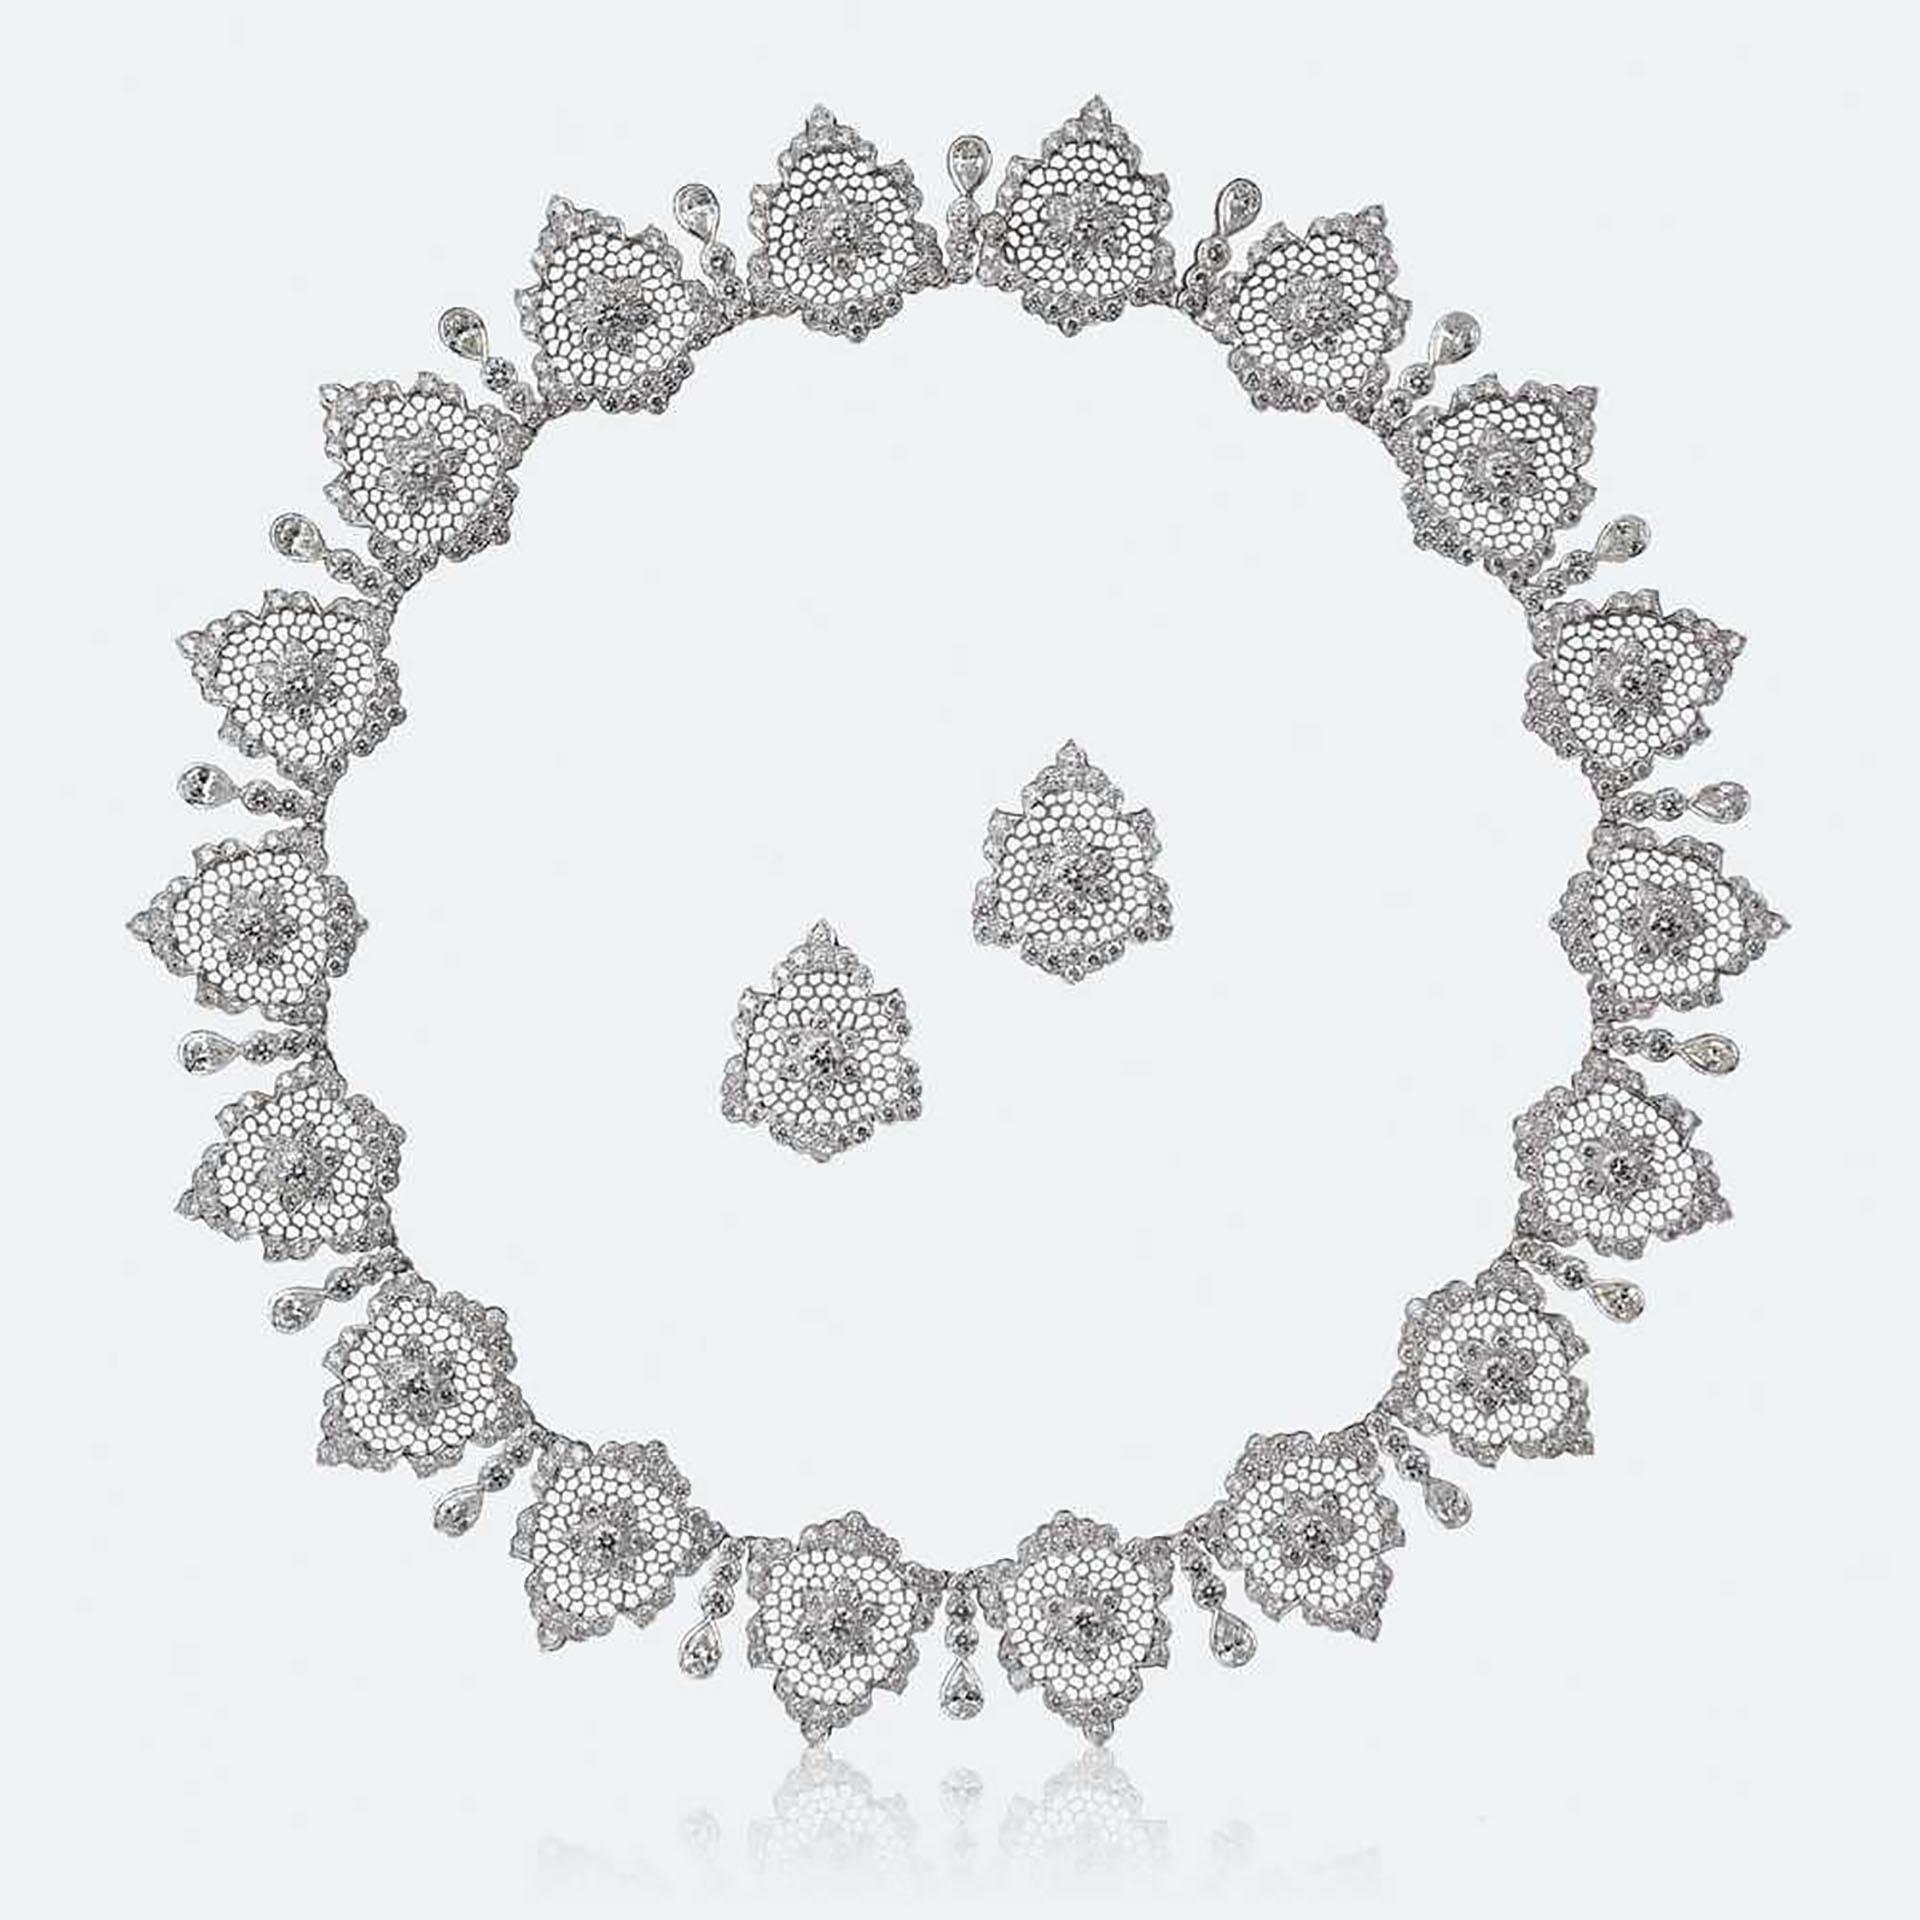 """Esta joya creada por Buccellati se llama """"Diamanti Vibranti Set"""", y está realizada en oro blanco con 621 diamantesque se reparten entre los 18 pétalos del collar y dos pendientes. Buccellati es una de las marcas de joyería creada en la cuna de la moda italiana -Milán- en 1919, y hoy tiene una tienda en Nueva York sobre la Madison Avenue (Buccellati)"""